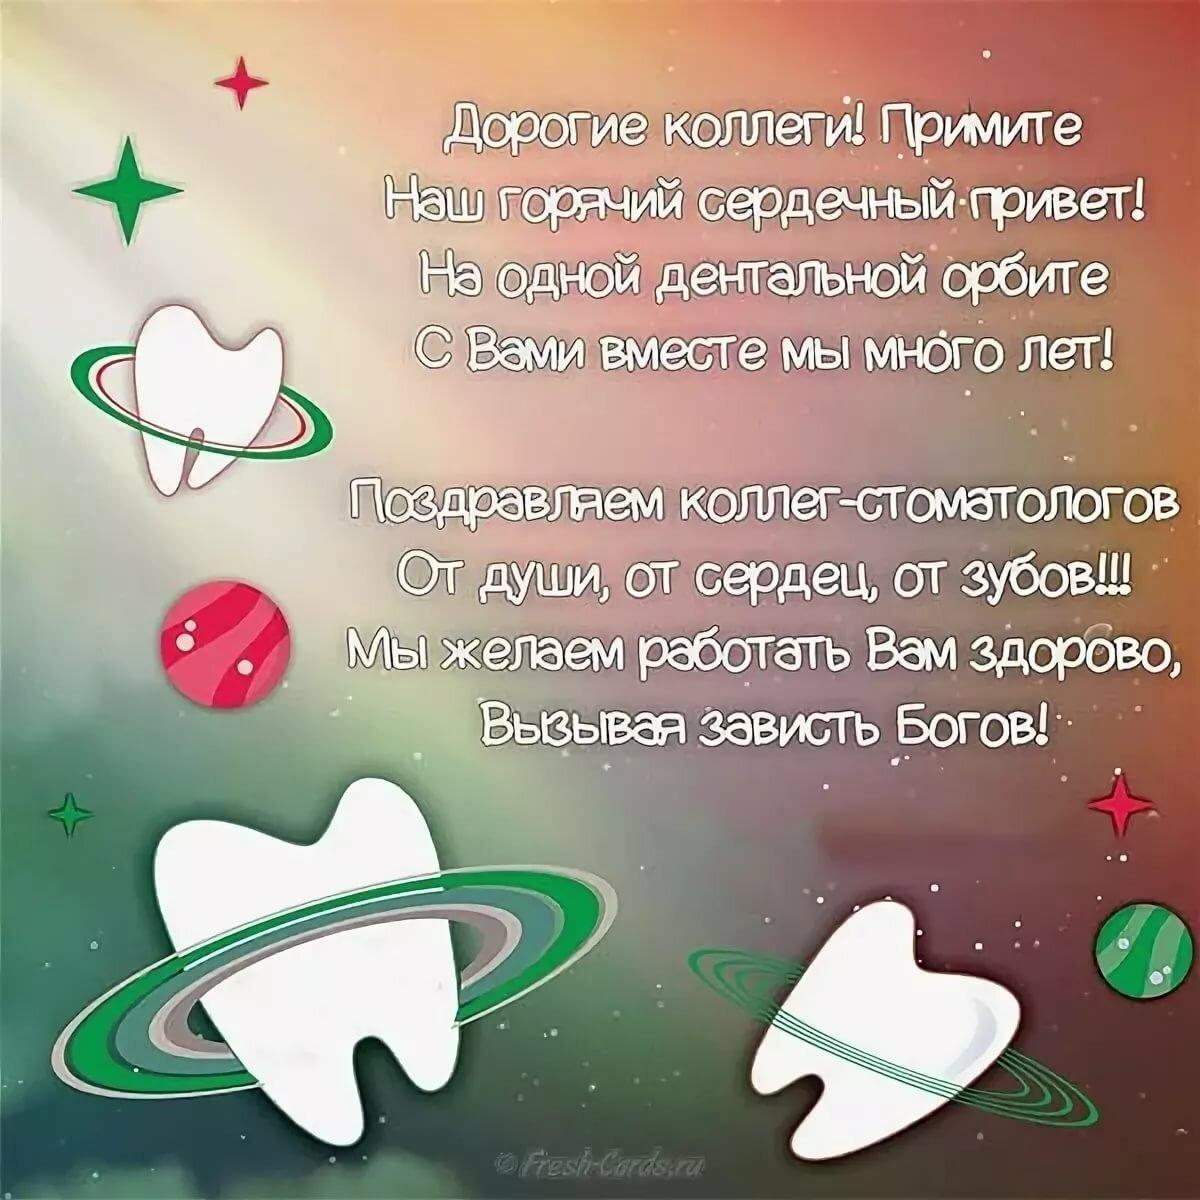 Поздравление для стоматолога в стихах прикольные случае звездами